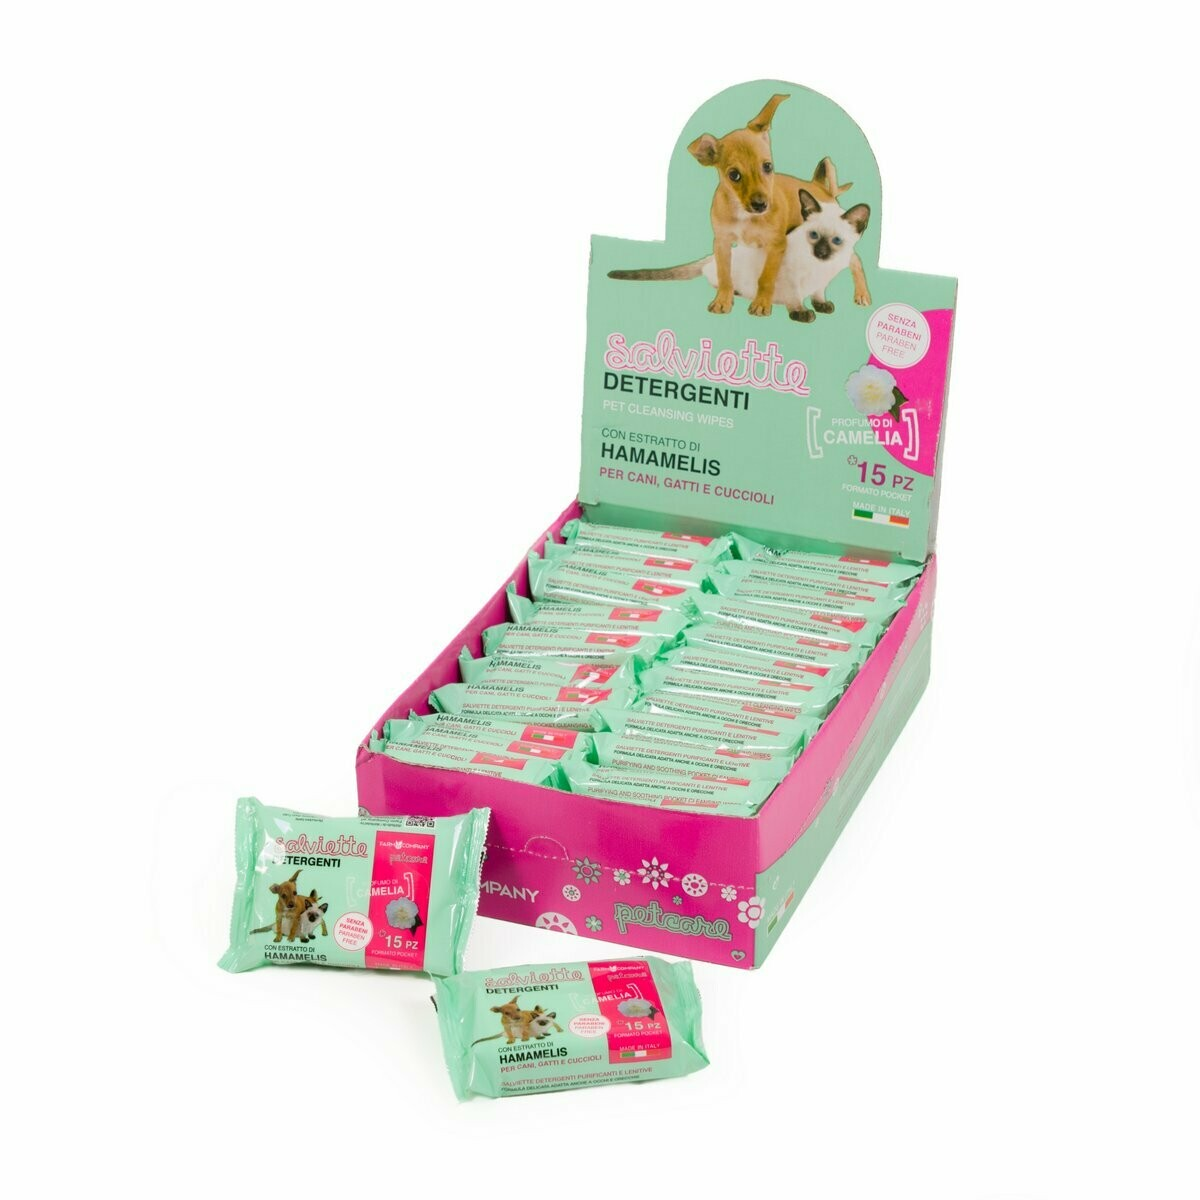 Pocket cleansing wipes Camelia & Hamamelis expo 24 pcs